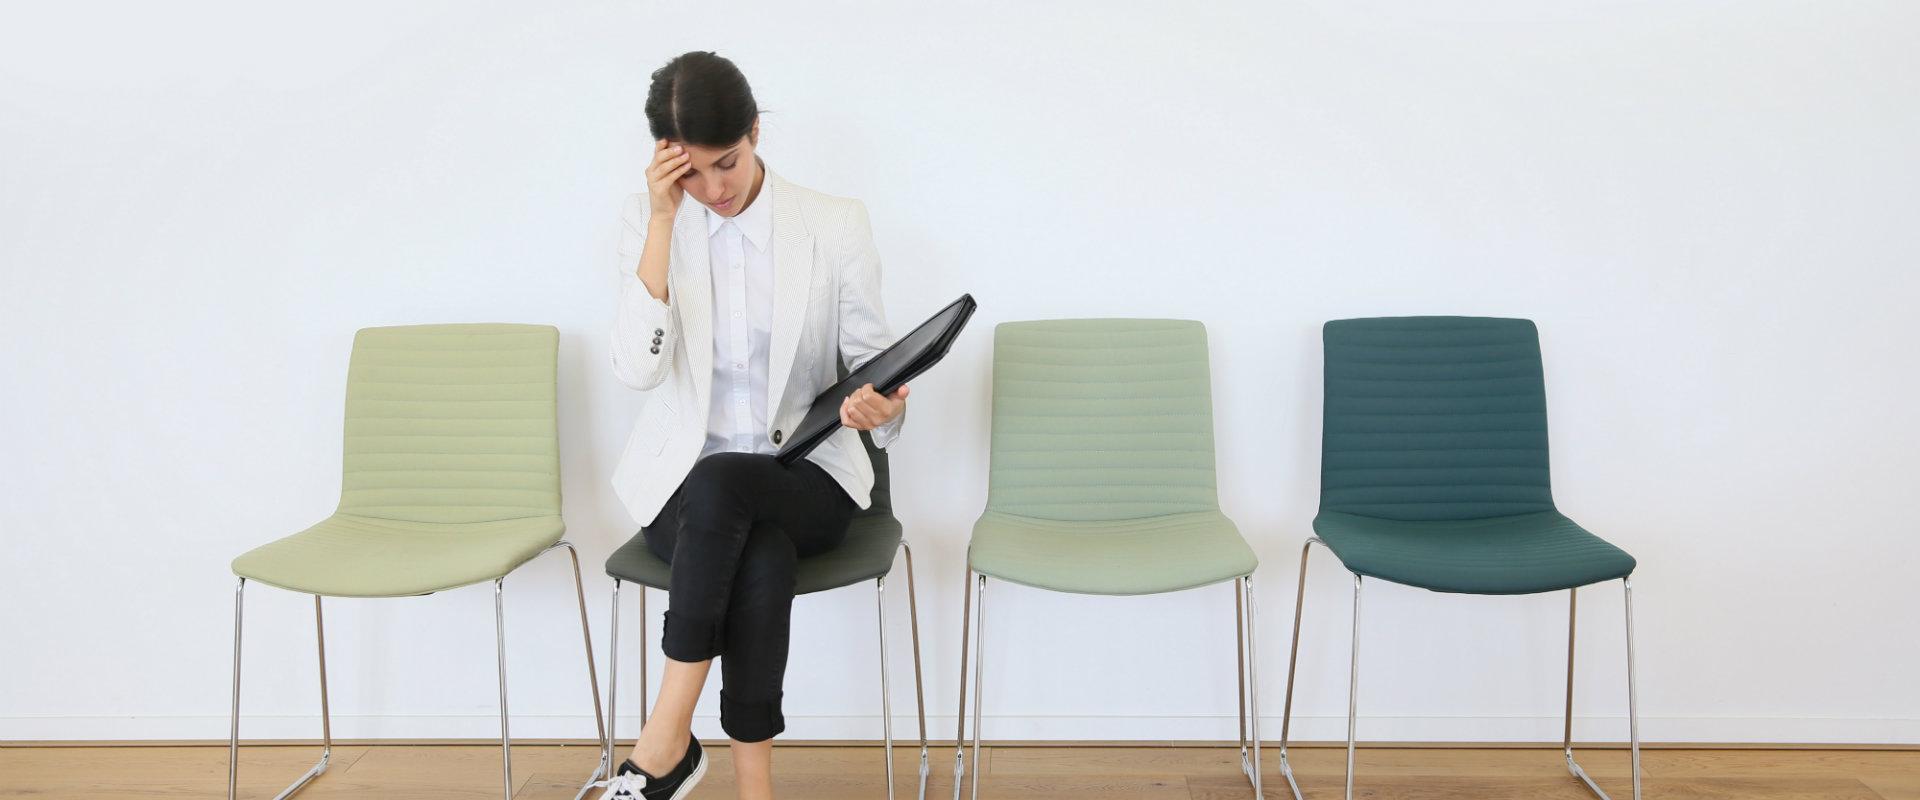 עובדת ממתינה למשרה